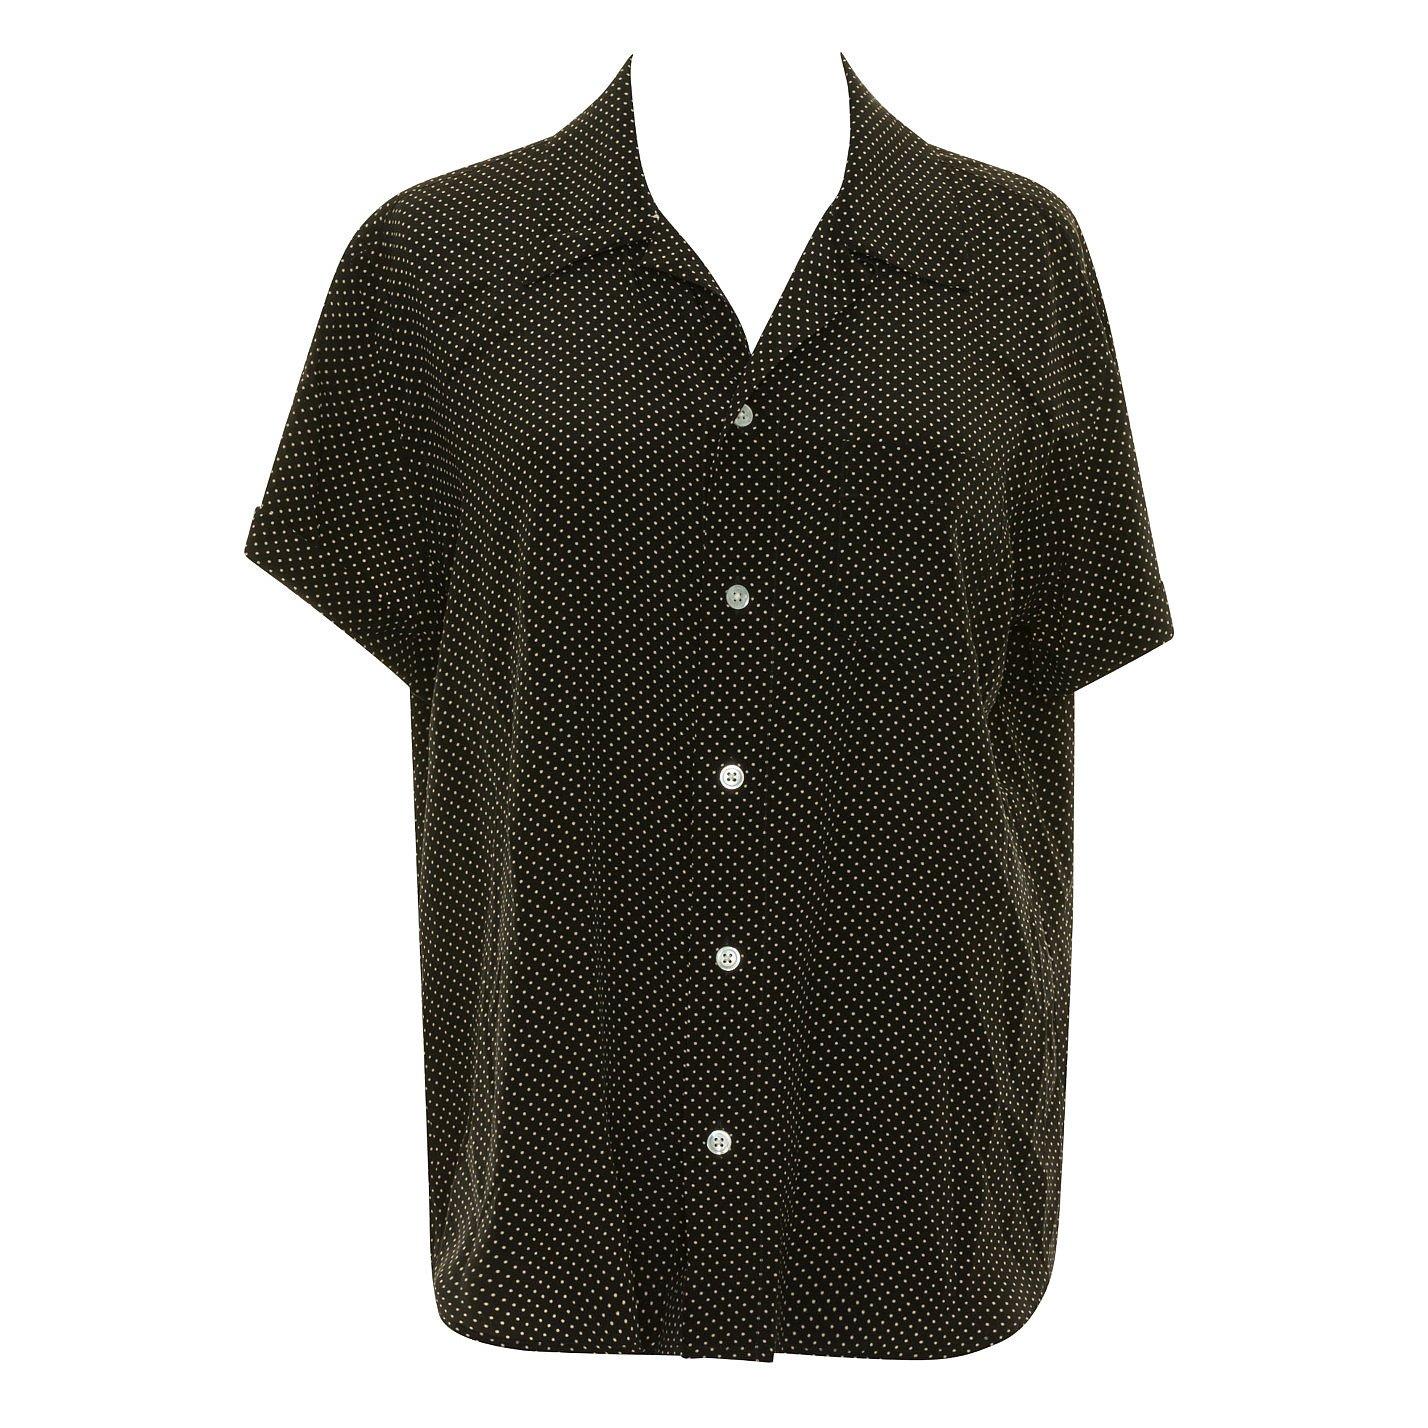 Ralph Lauren Polka Dot Shirt